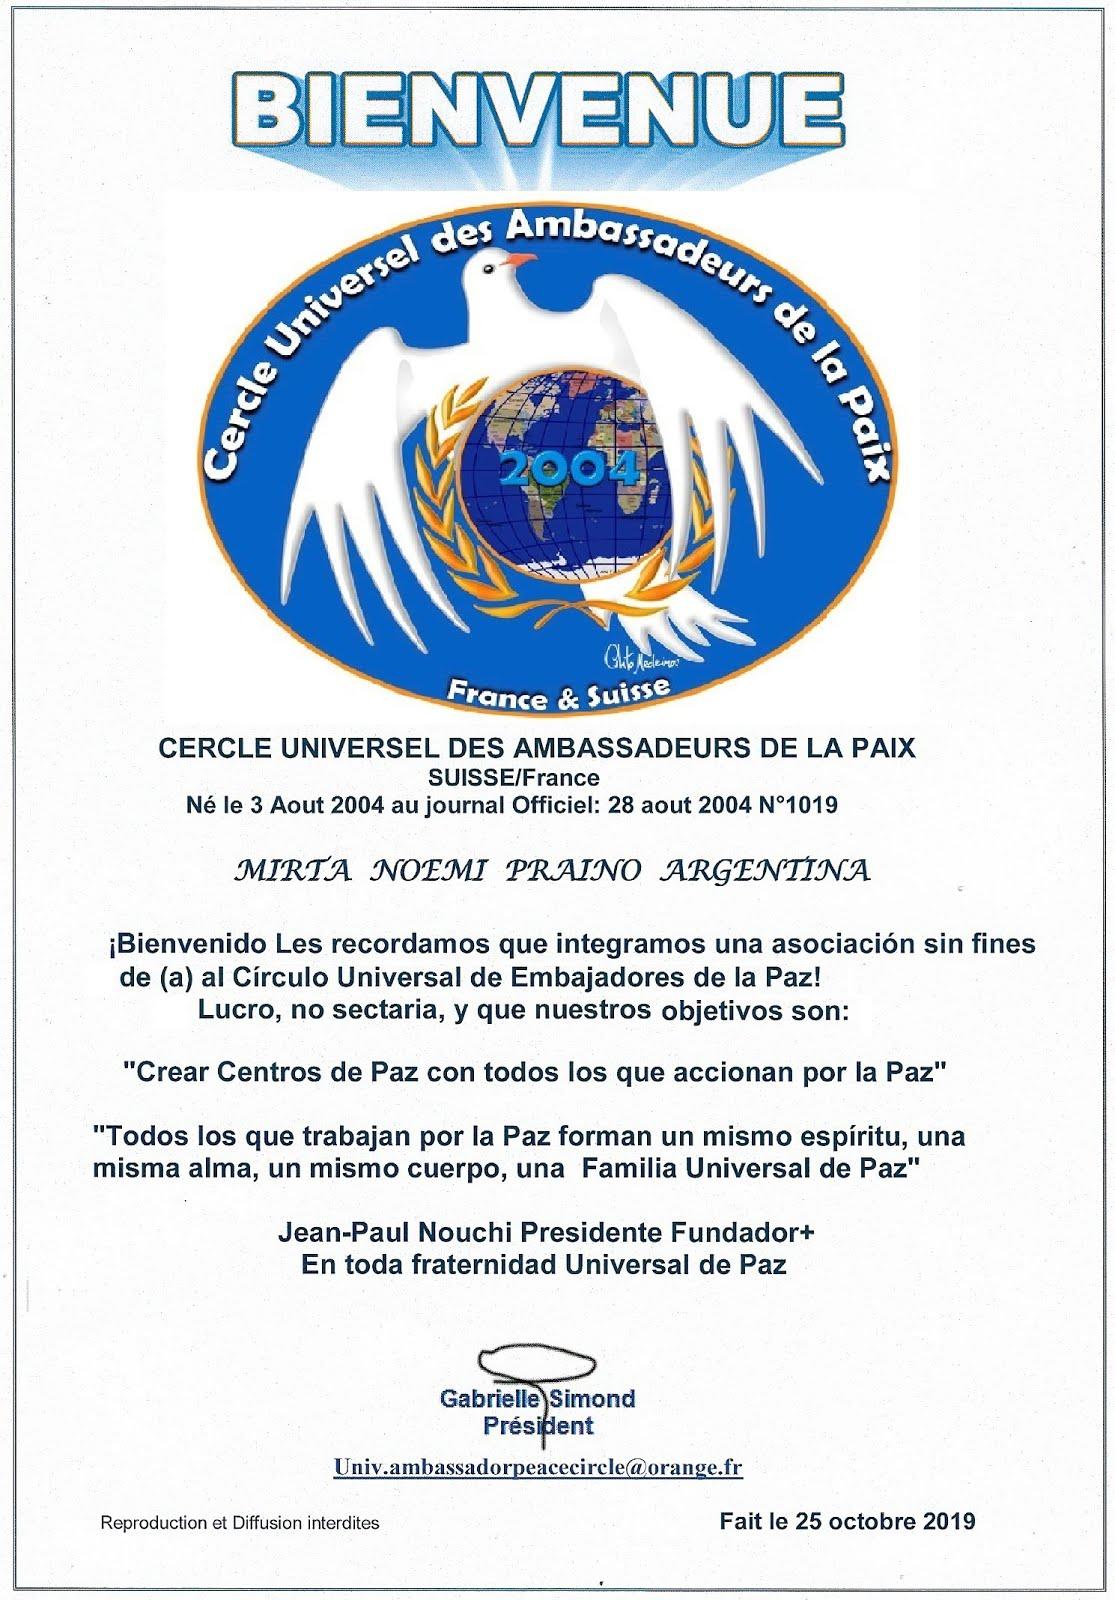 Mirta Praino  oficialmente el título de Embajadora Universal de la Paz - Argentina